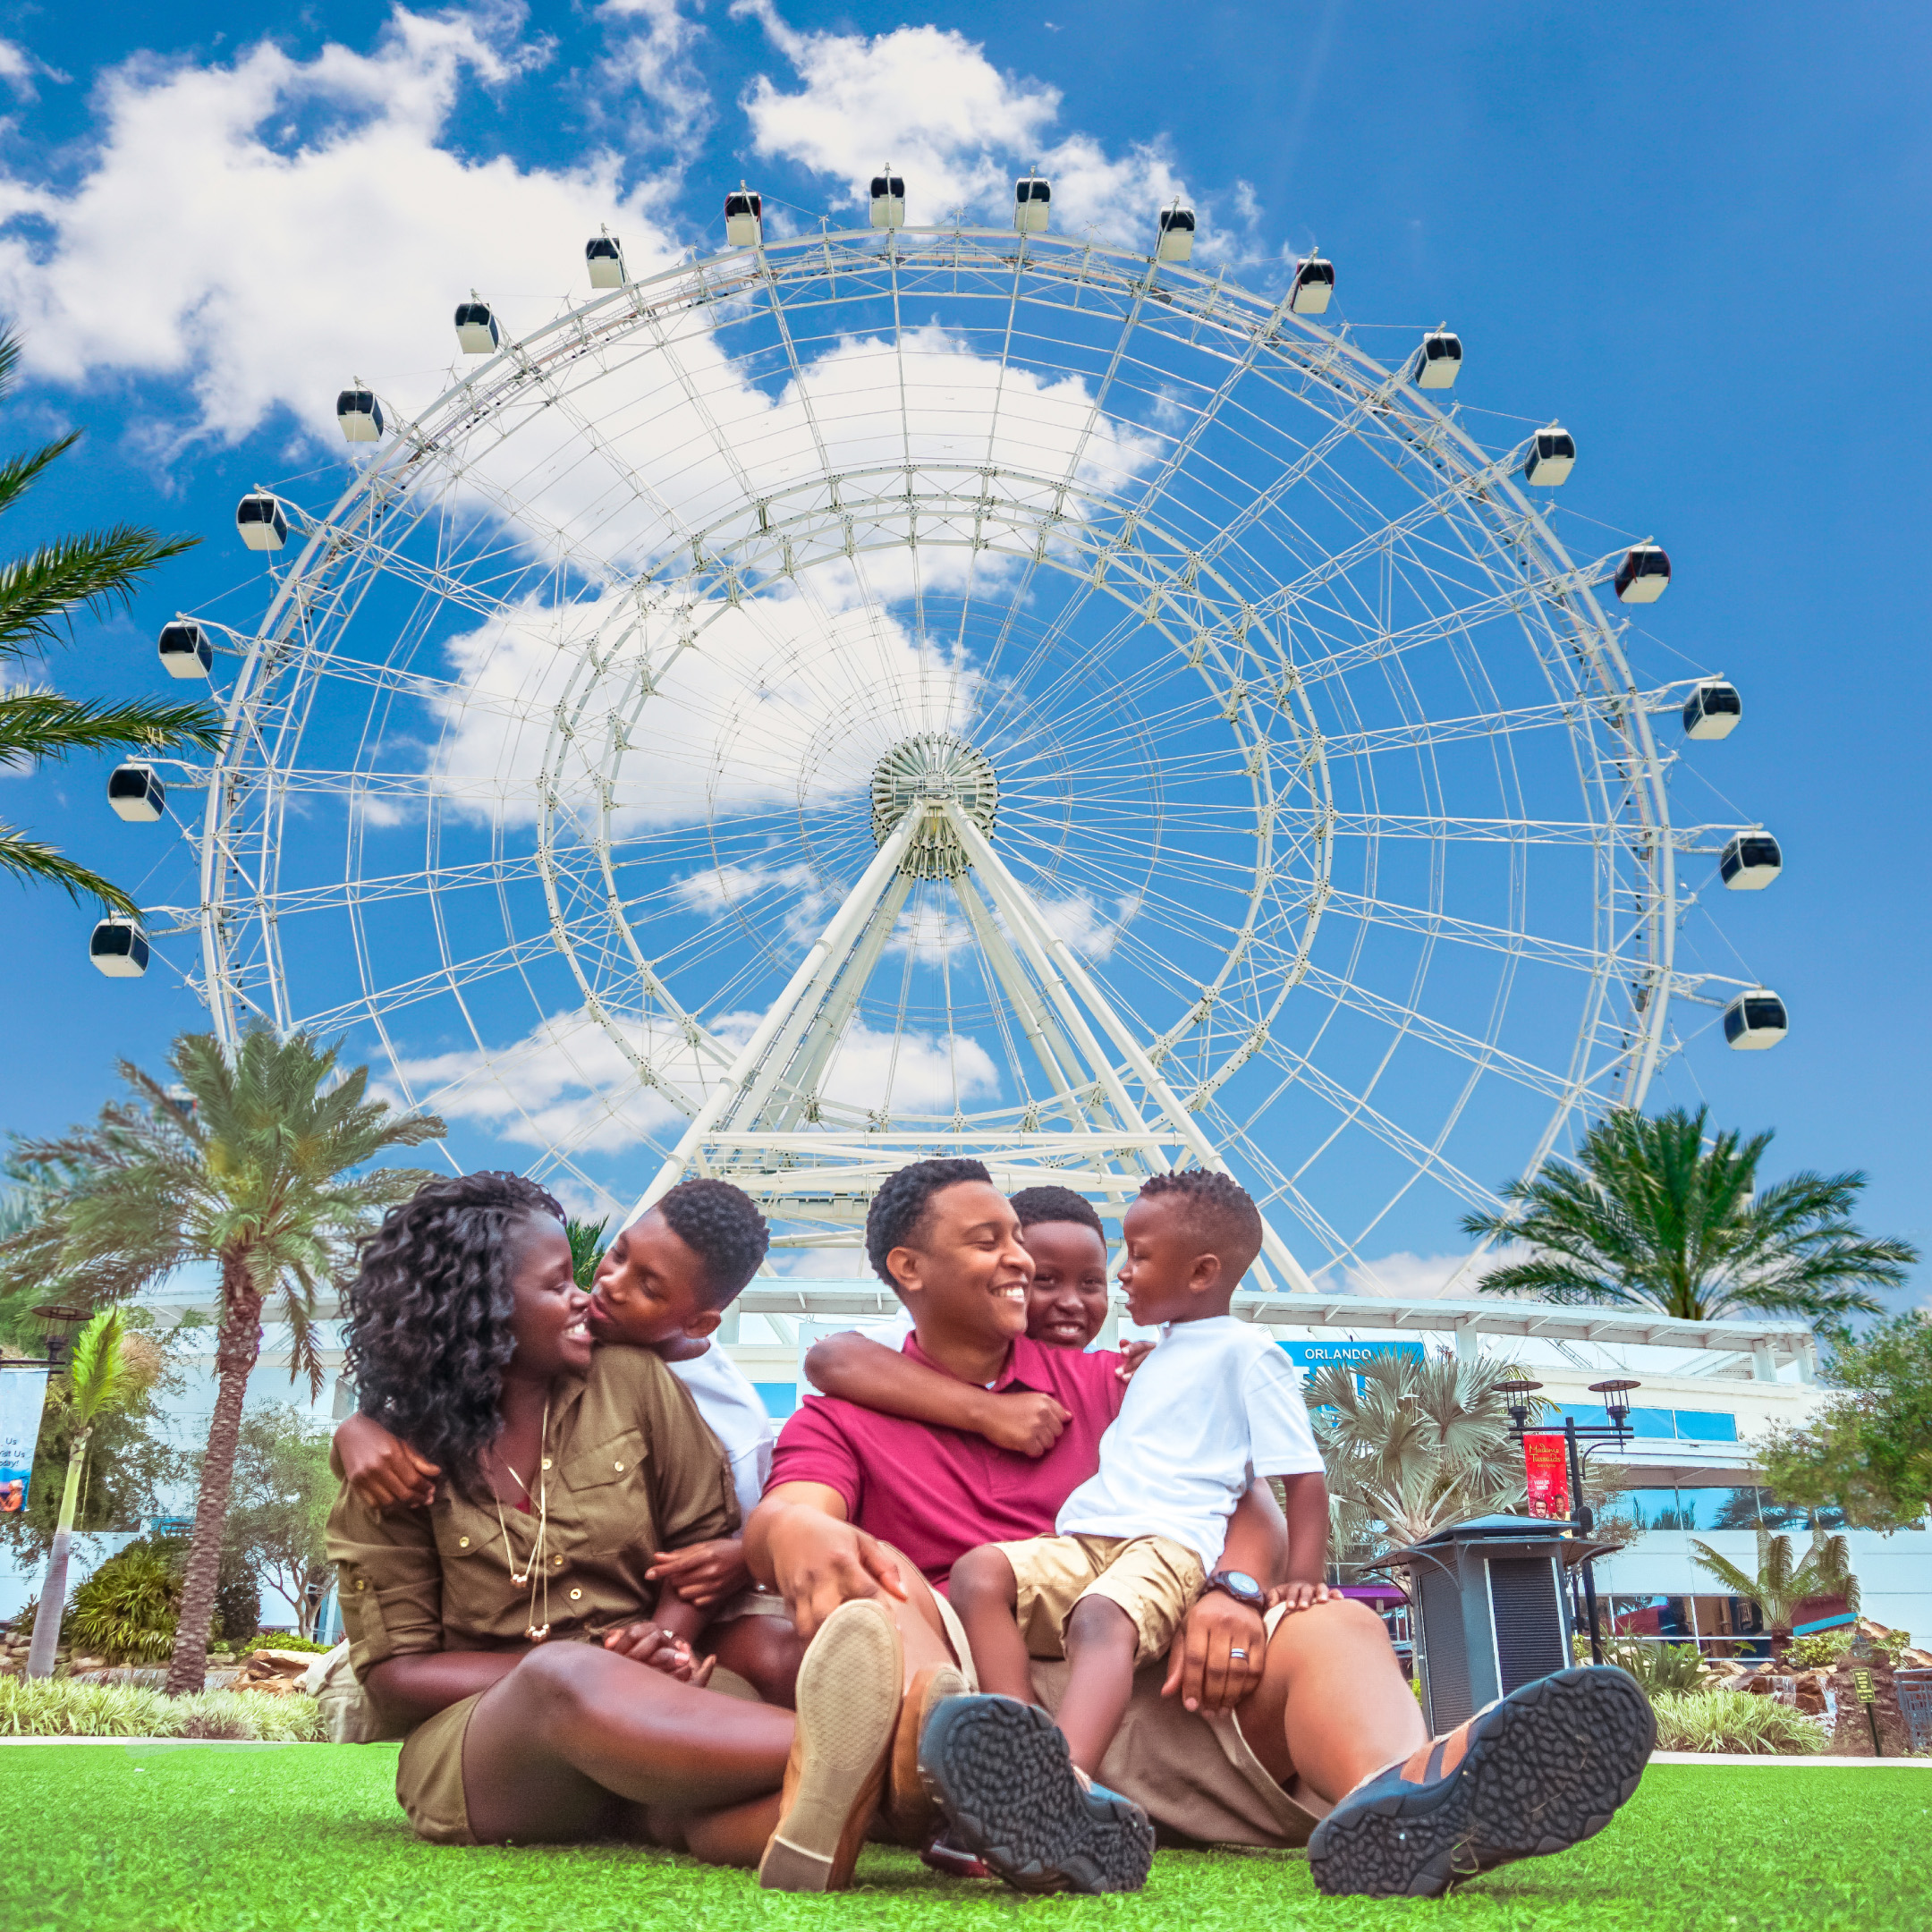 Family Fun at ICON Park